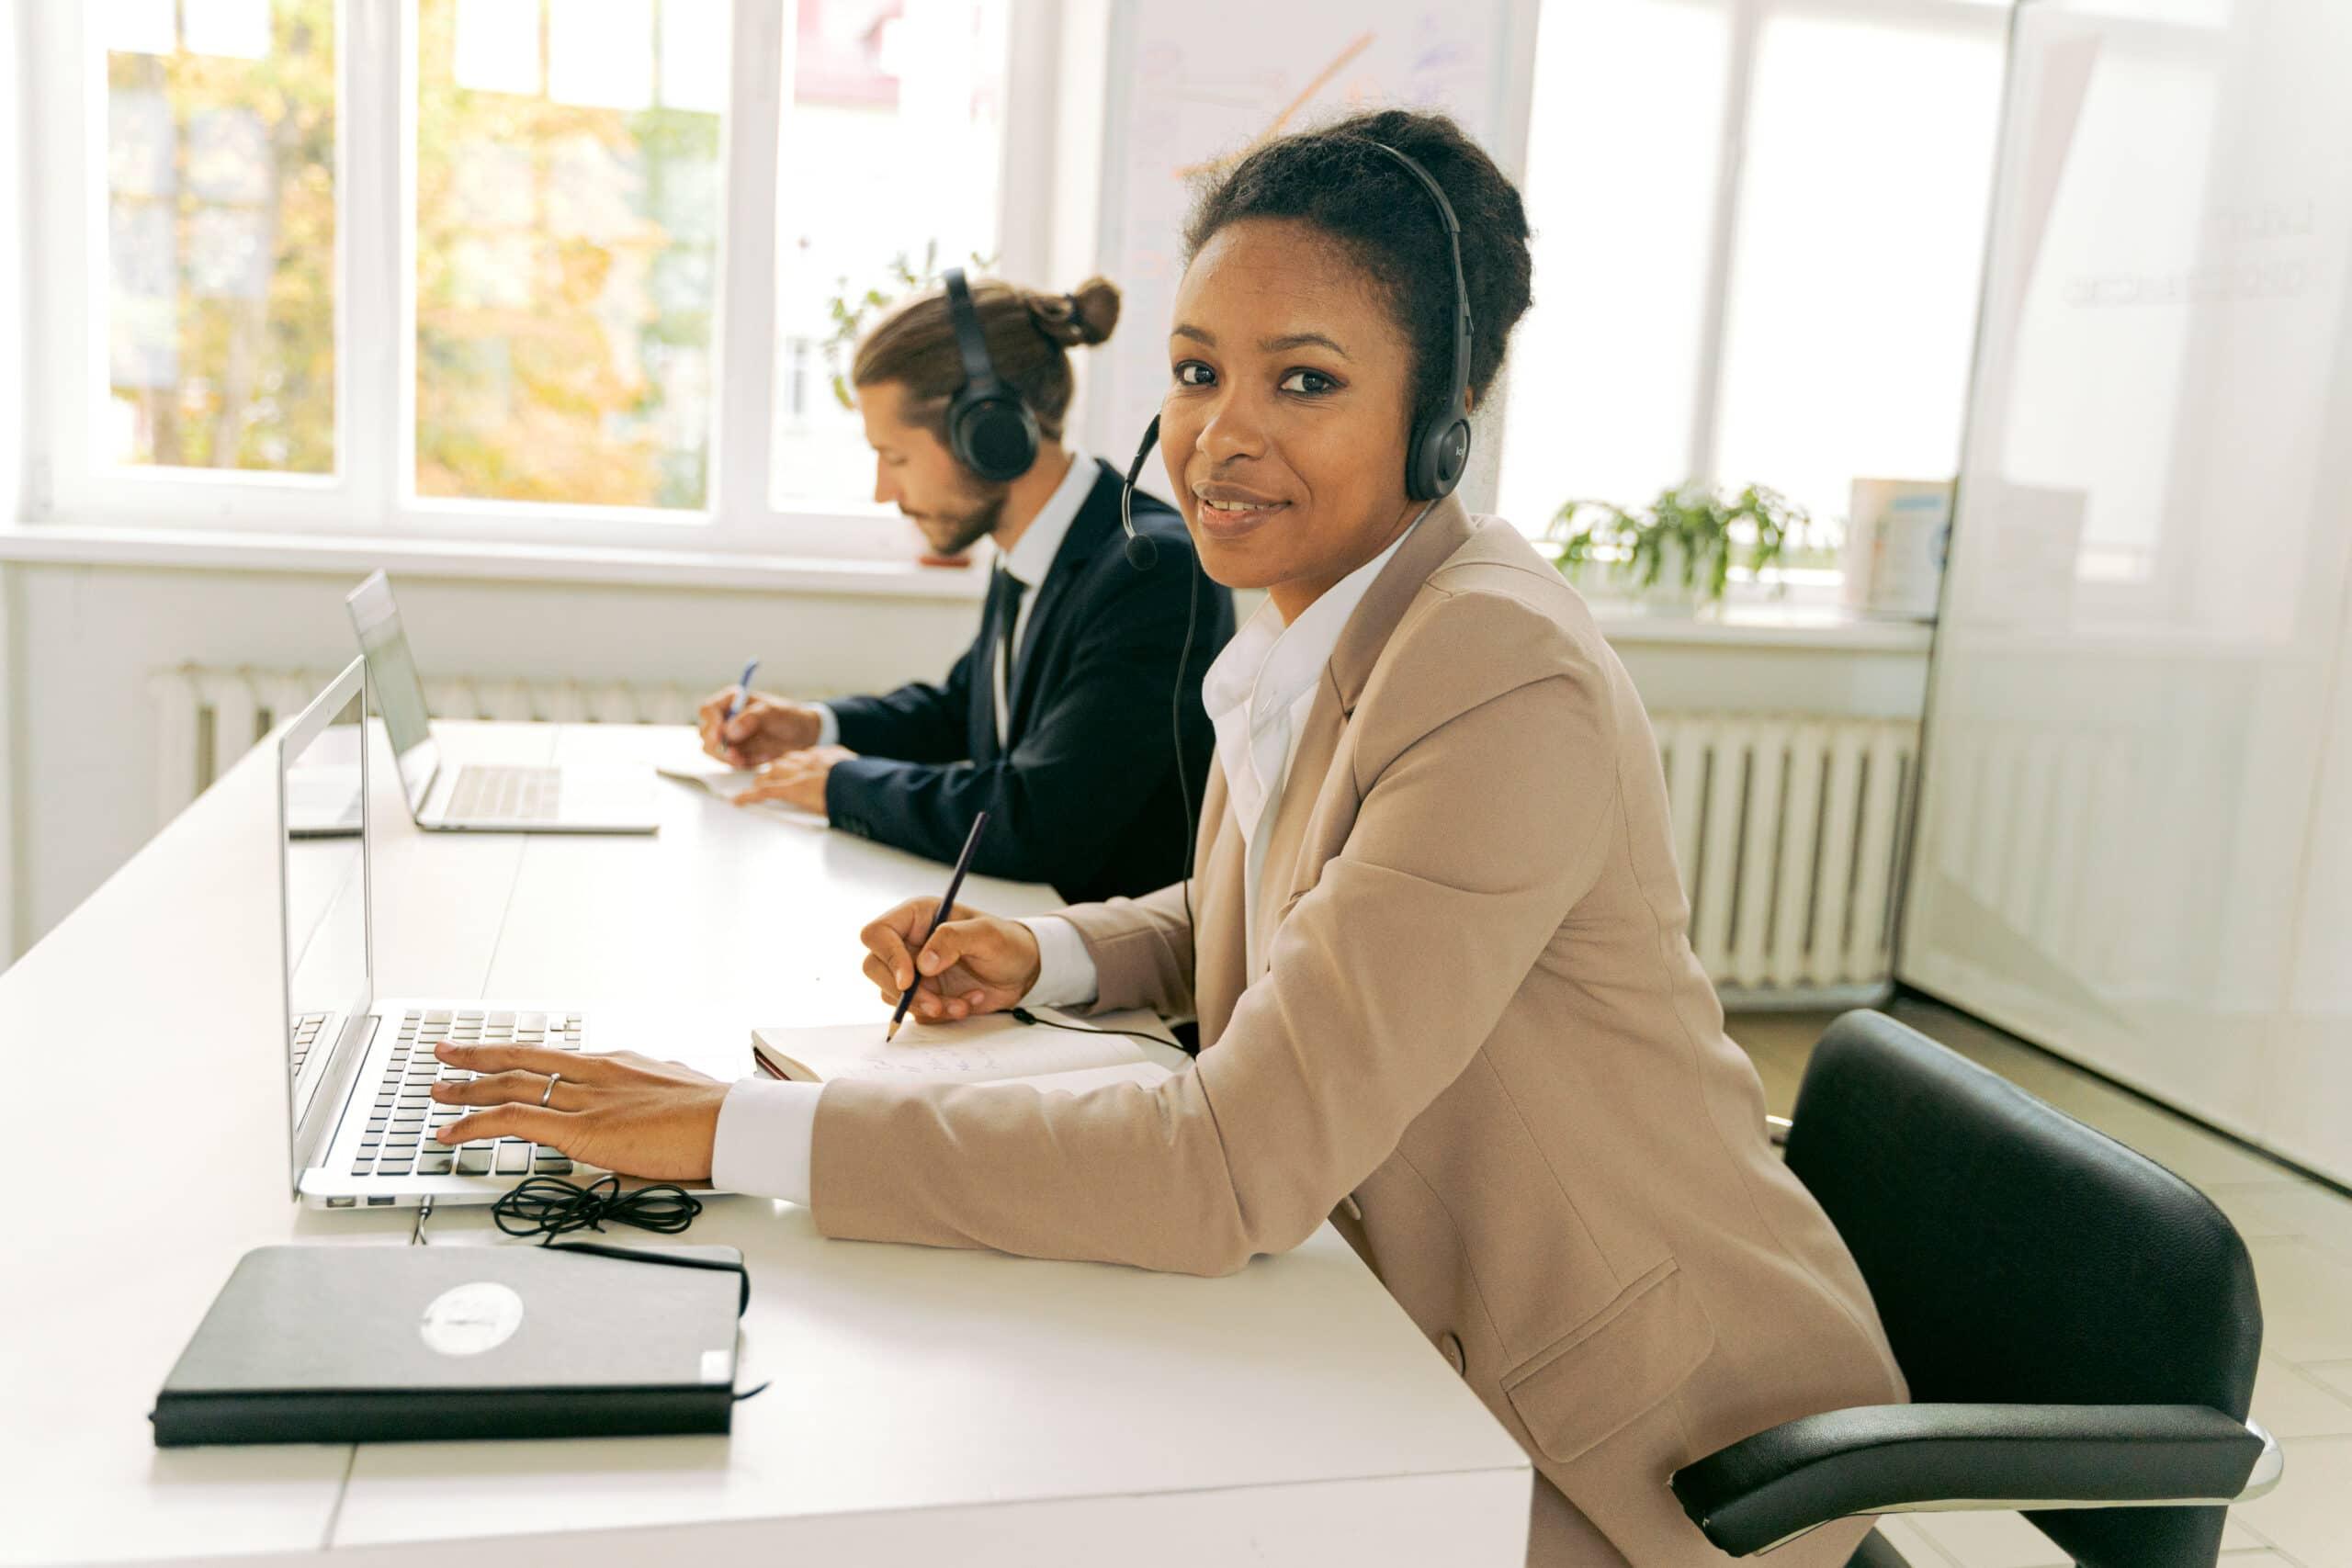 Comment le casque de téléphone augment la productivité ?